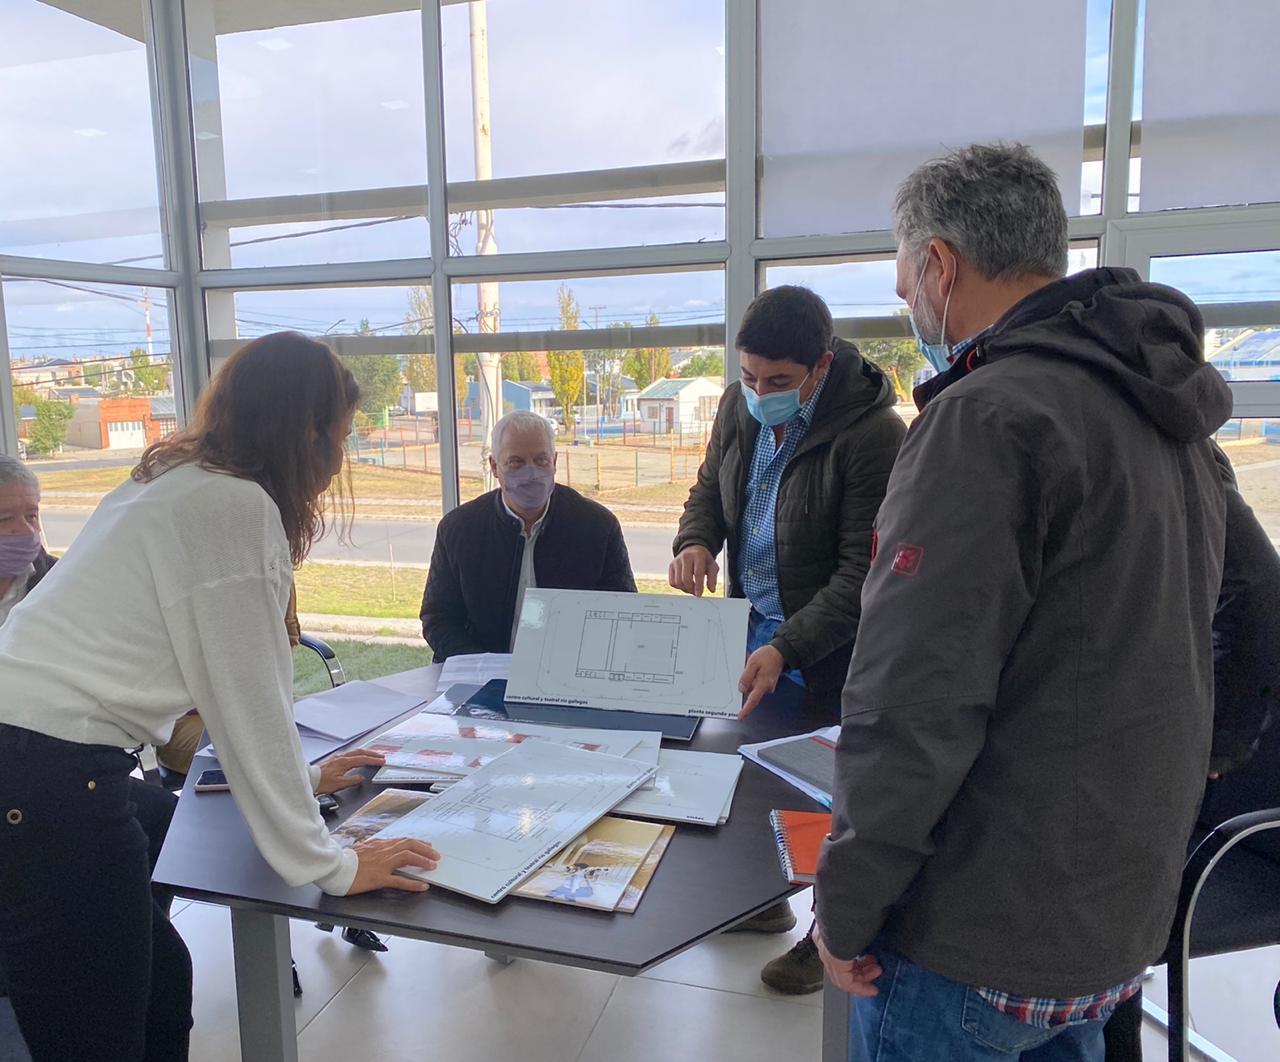 La reunión fue en las instalaciones del IDUV, sobre Av. Gregores.